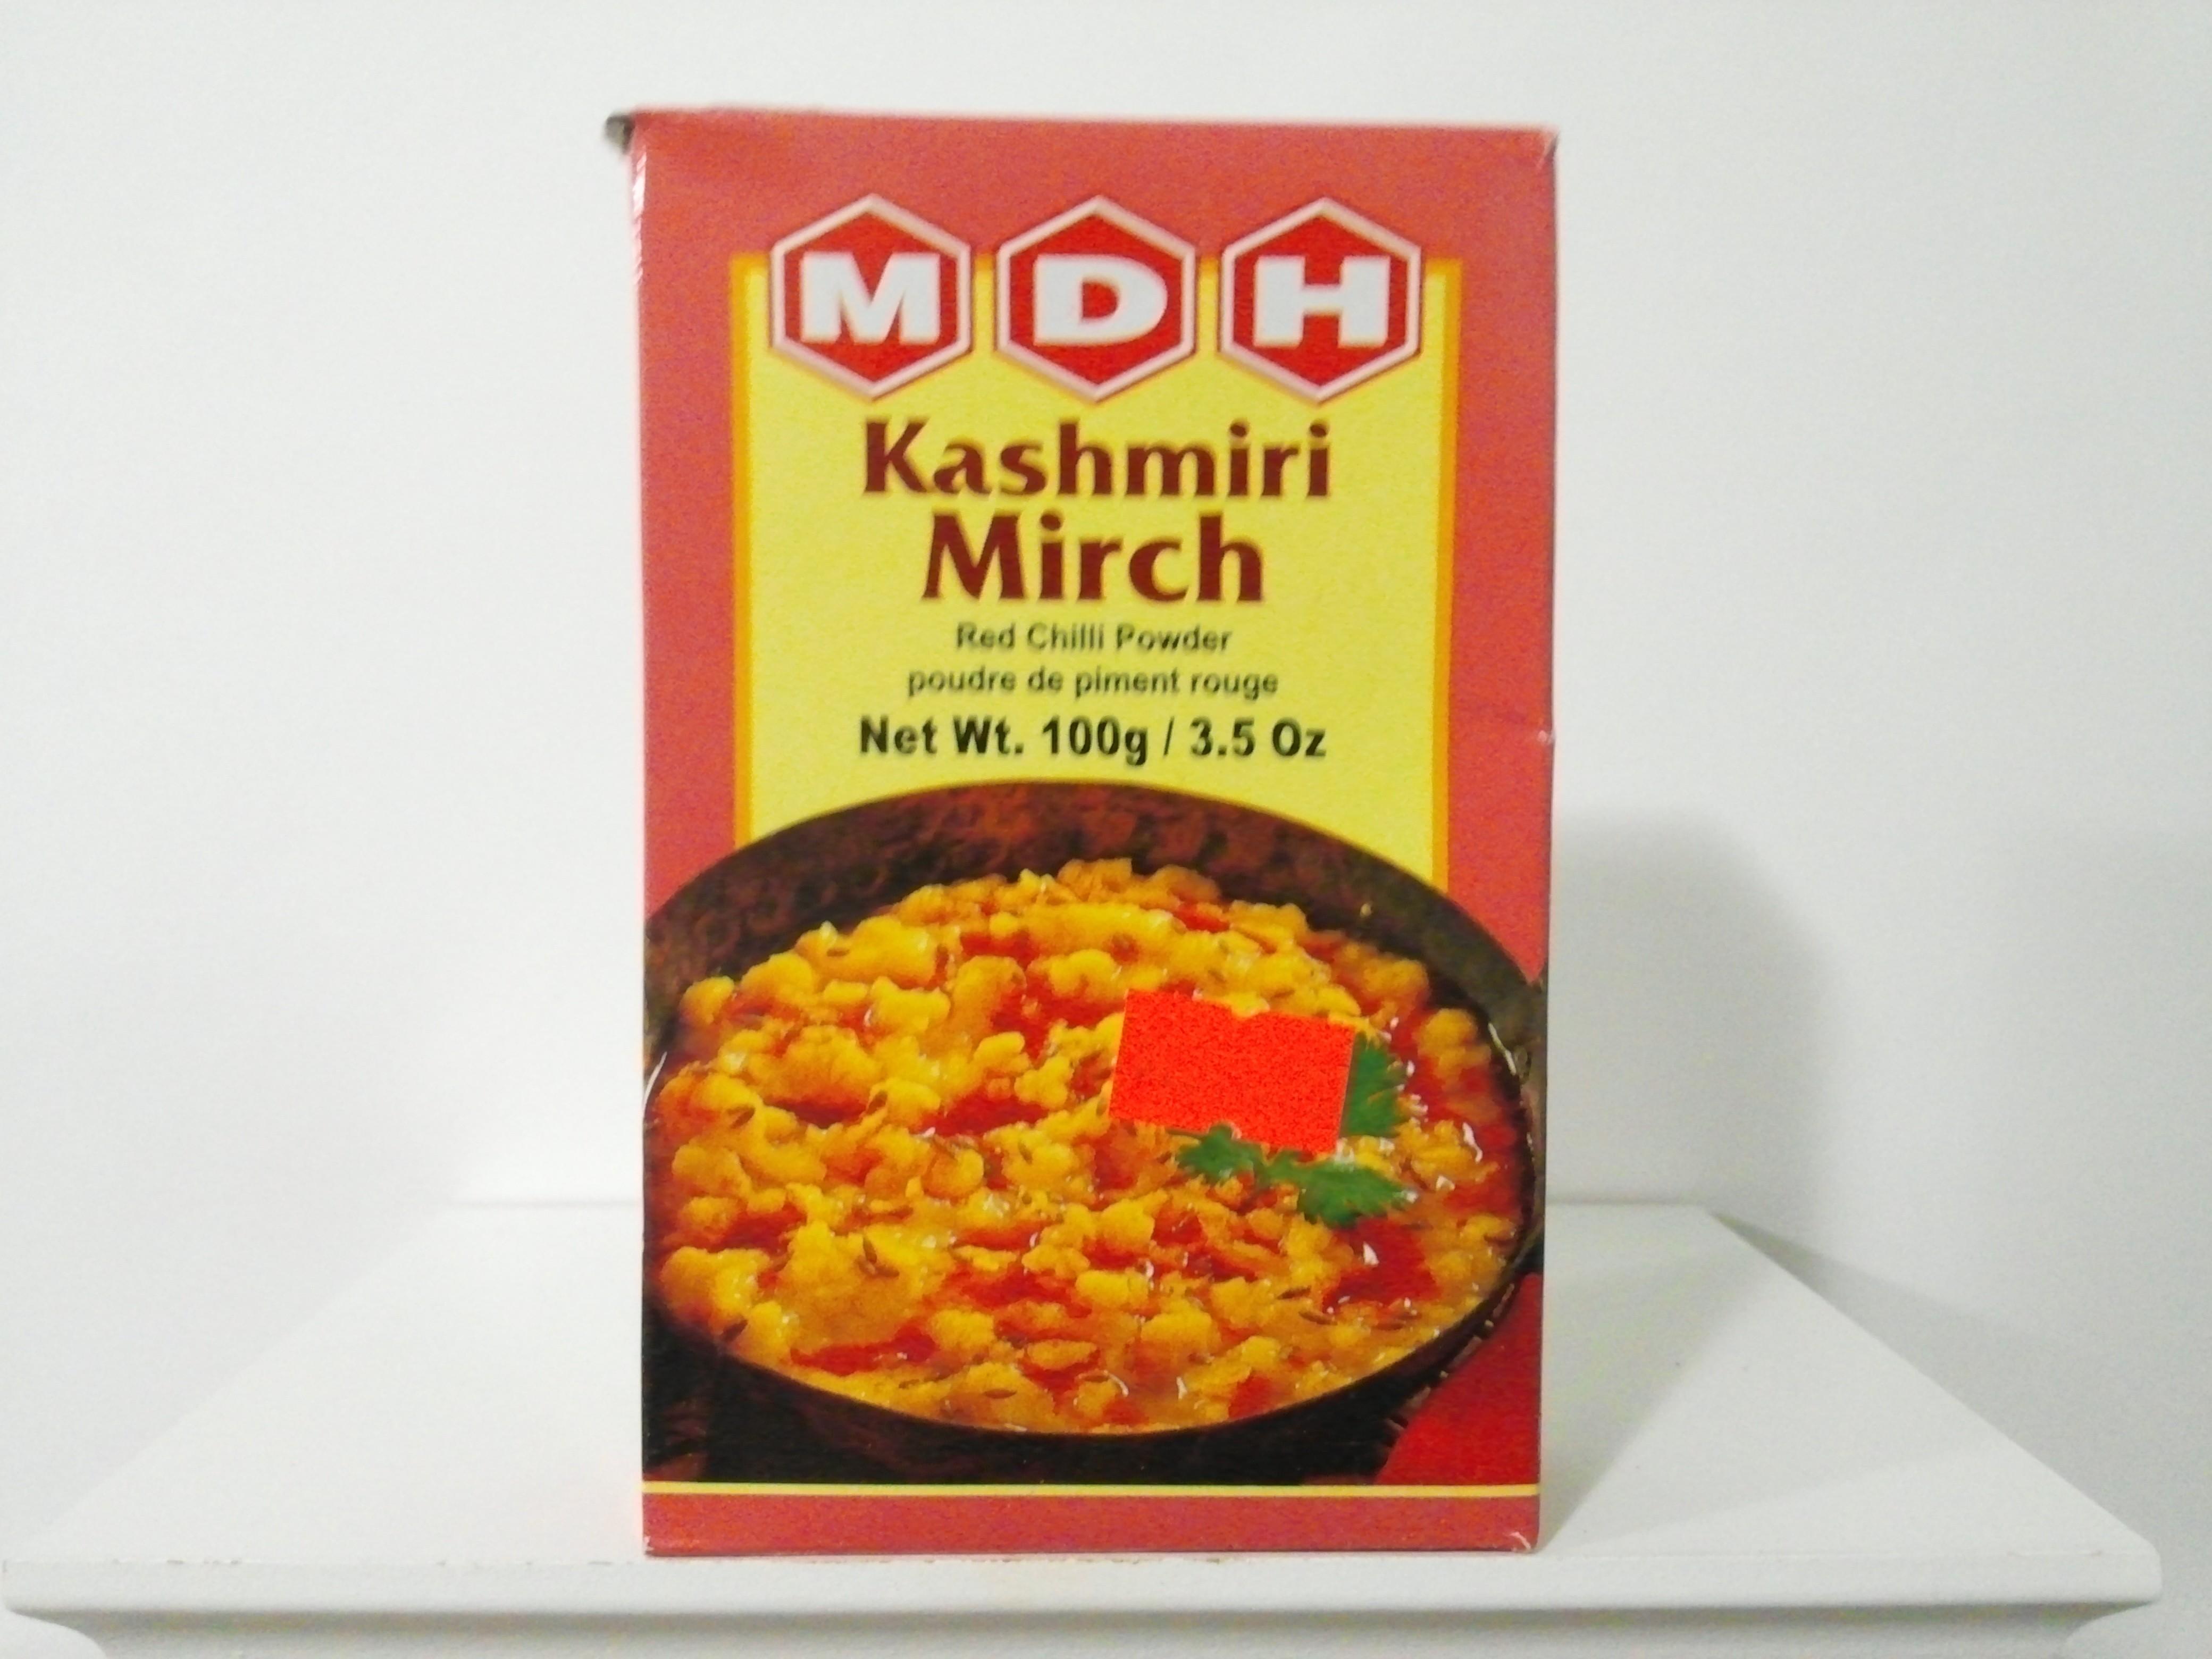 MDH Kashmiri Mirch Powder 100 grm